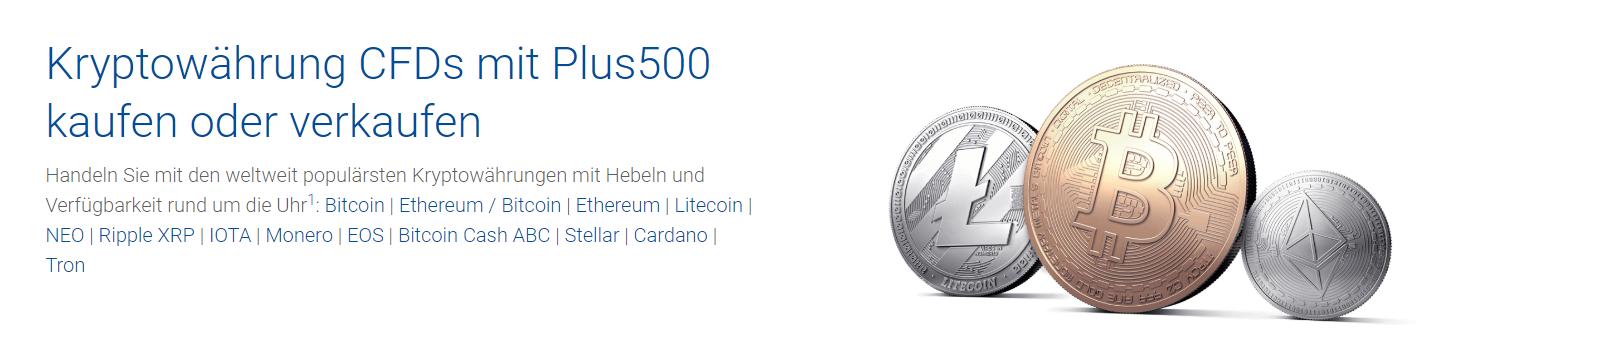 Plus500 bietet den Handel mit Kryptowährungen zu guten Konditionen an